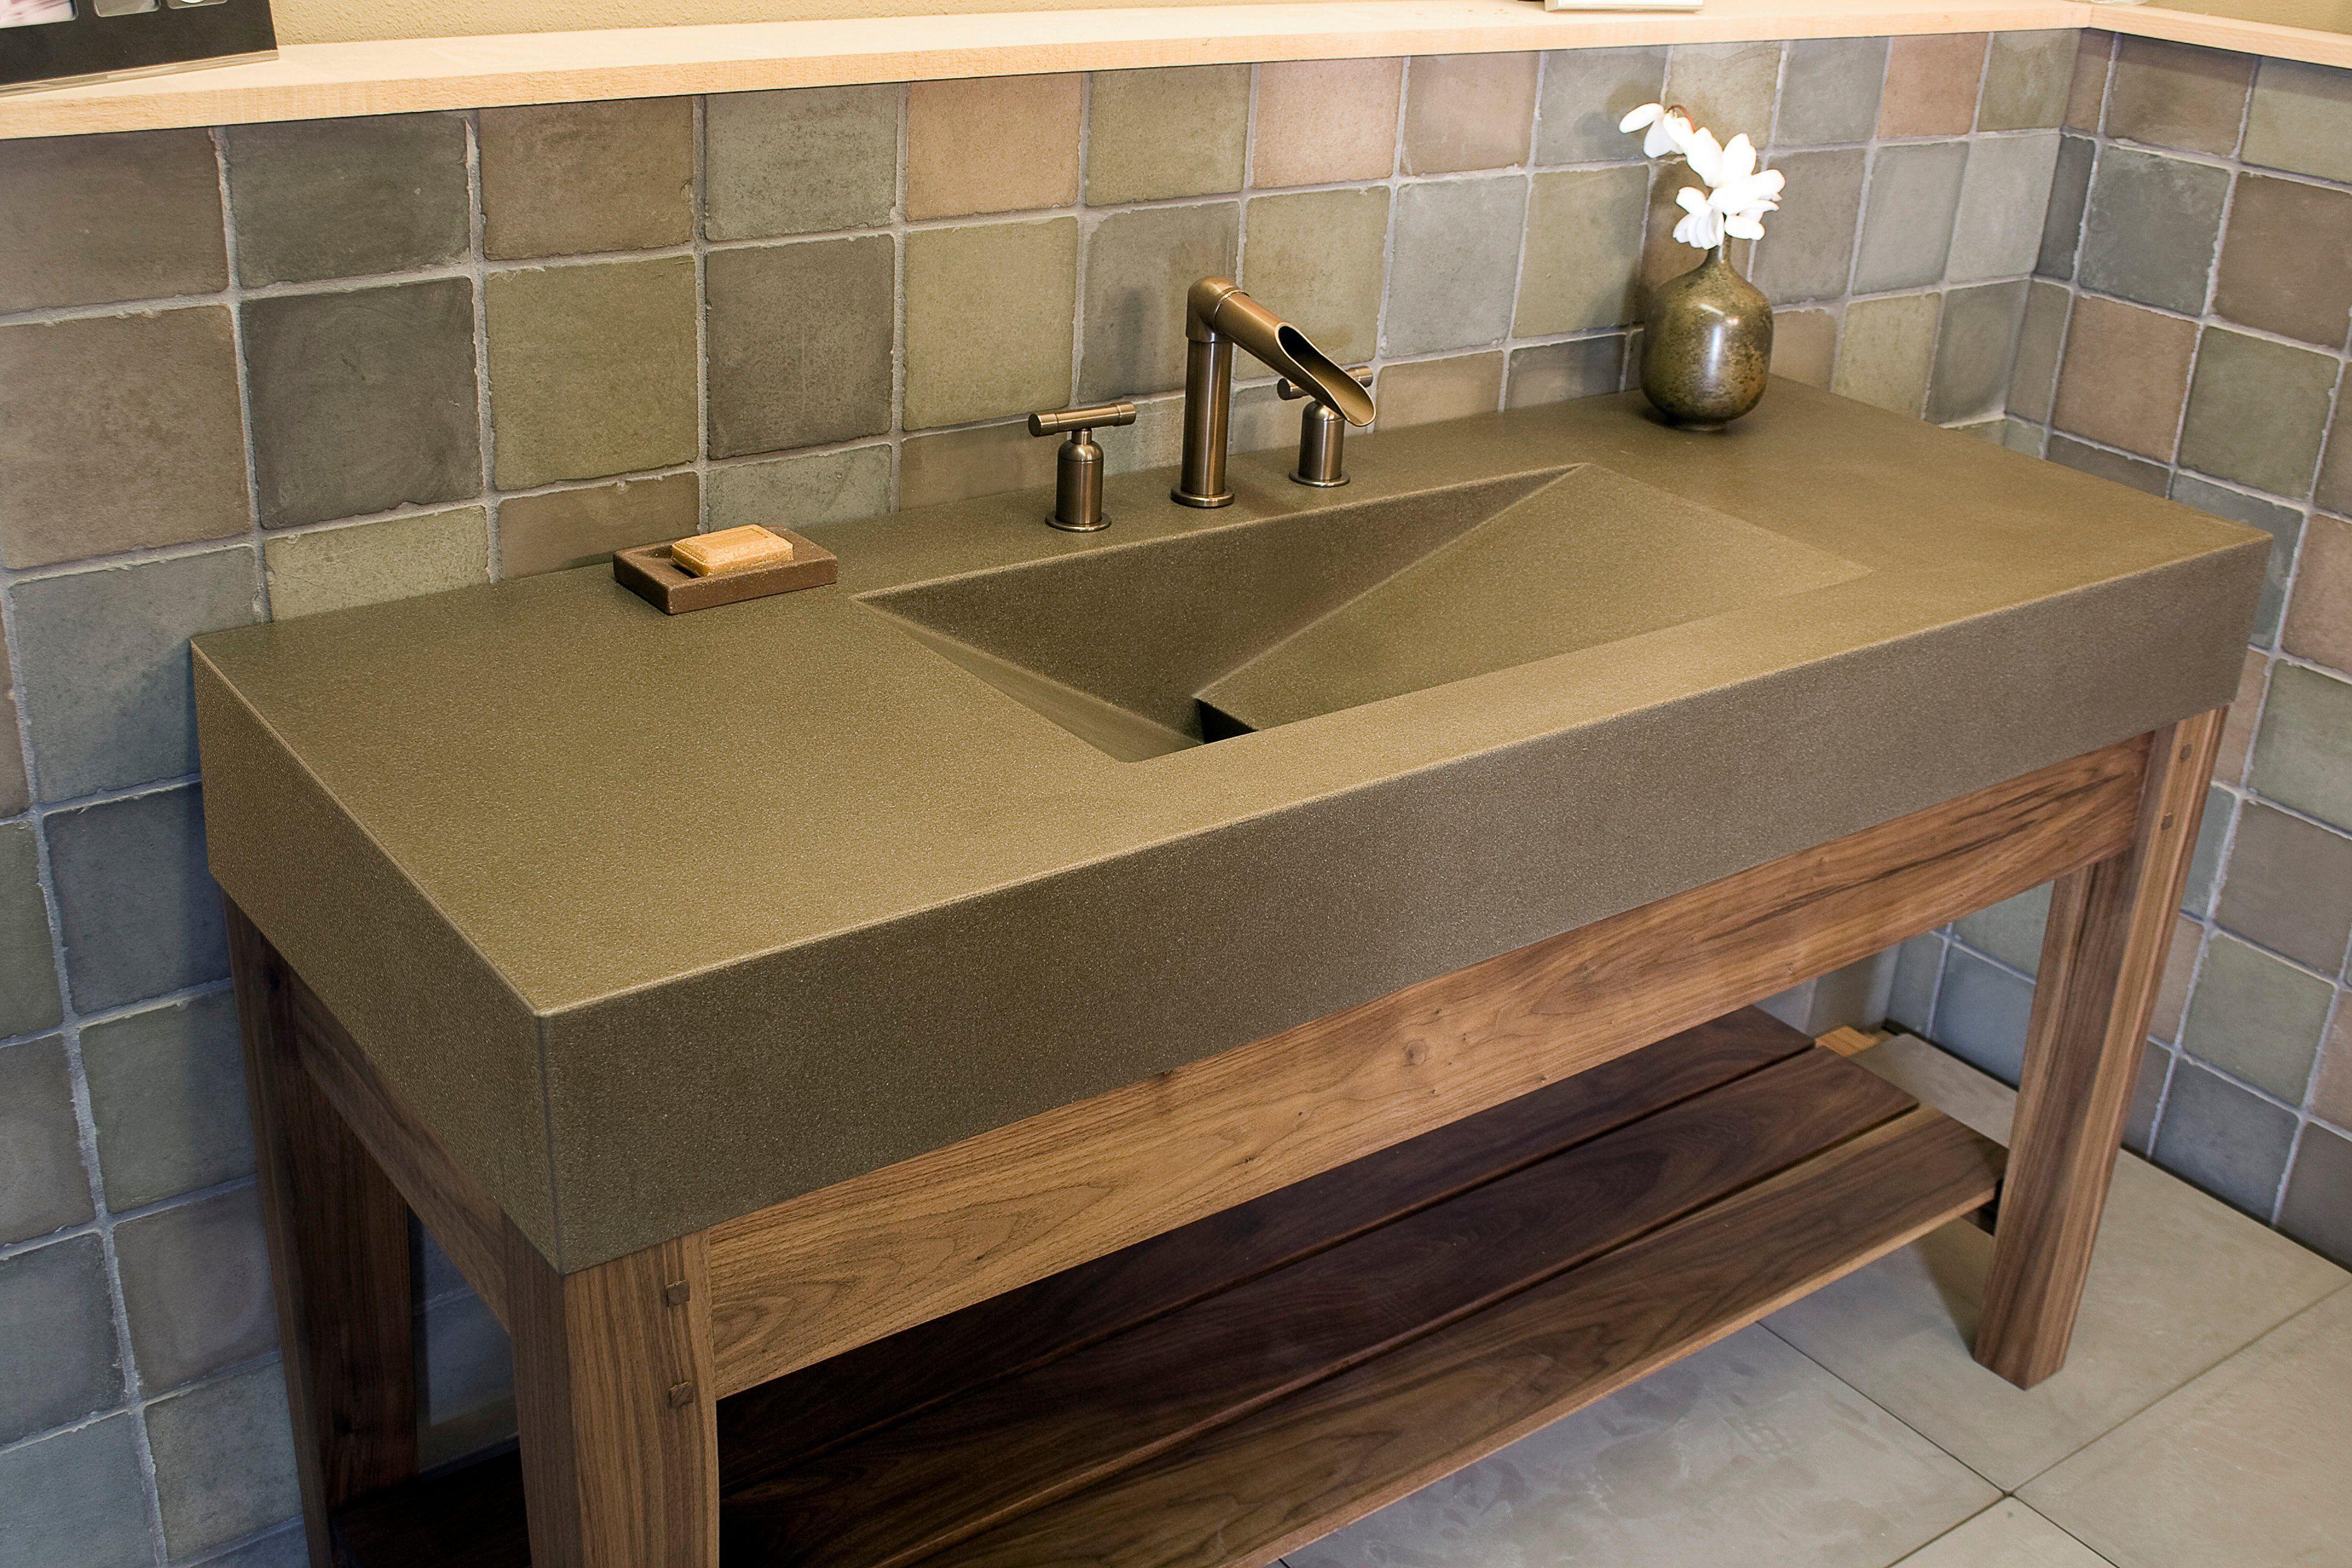 25 Gorgeous Modern Rustic Bathroom Vanities With Tops Rustic Bathroom Vanities Concrete Countertops Bathroom Rustic Bathroom Sinks